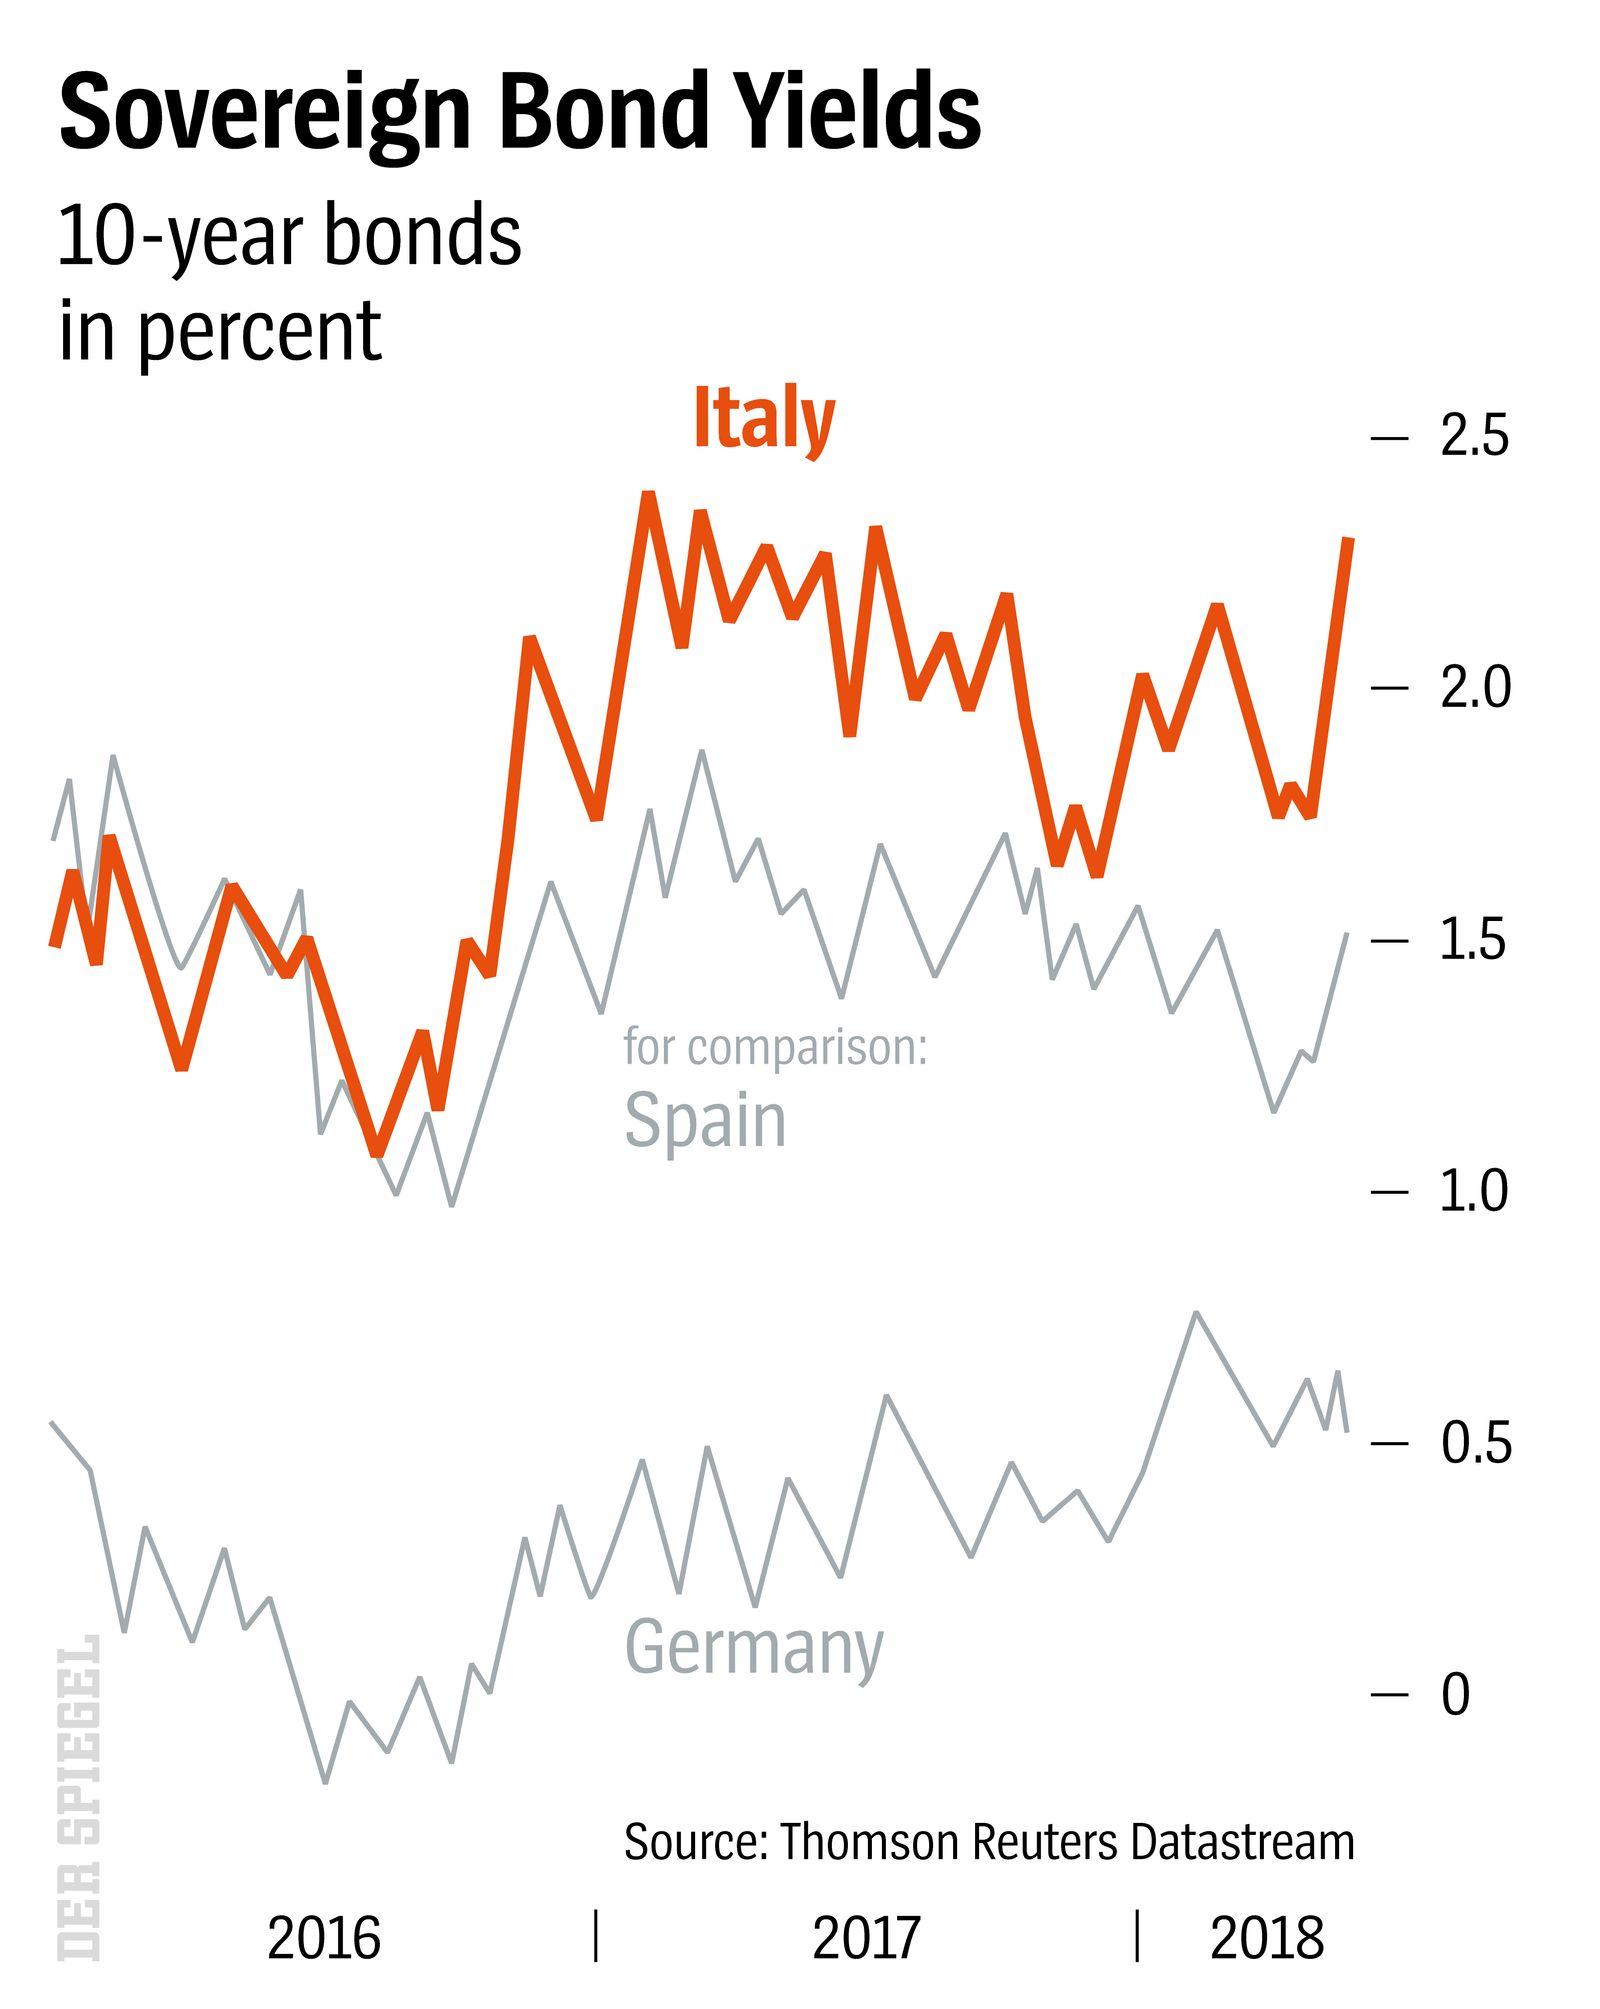 DER SPIEGEL Heft 22 S 82 Sovereign Bond Yields